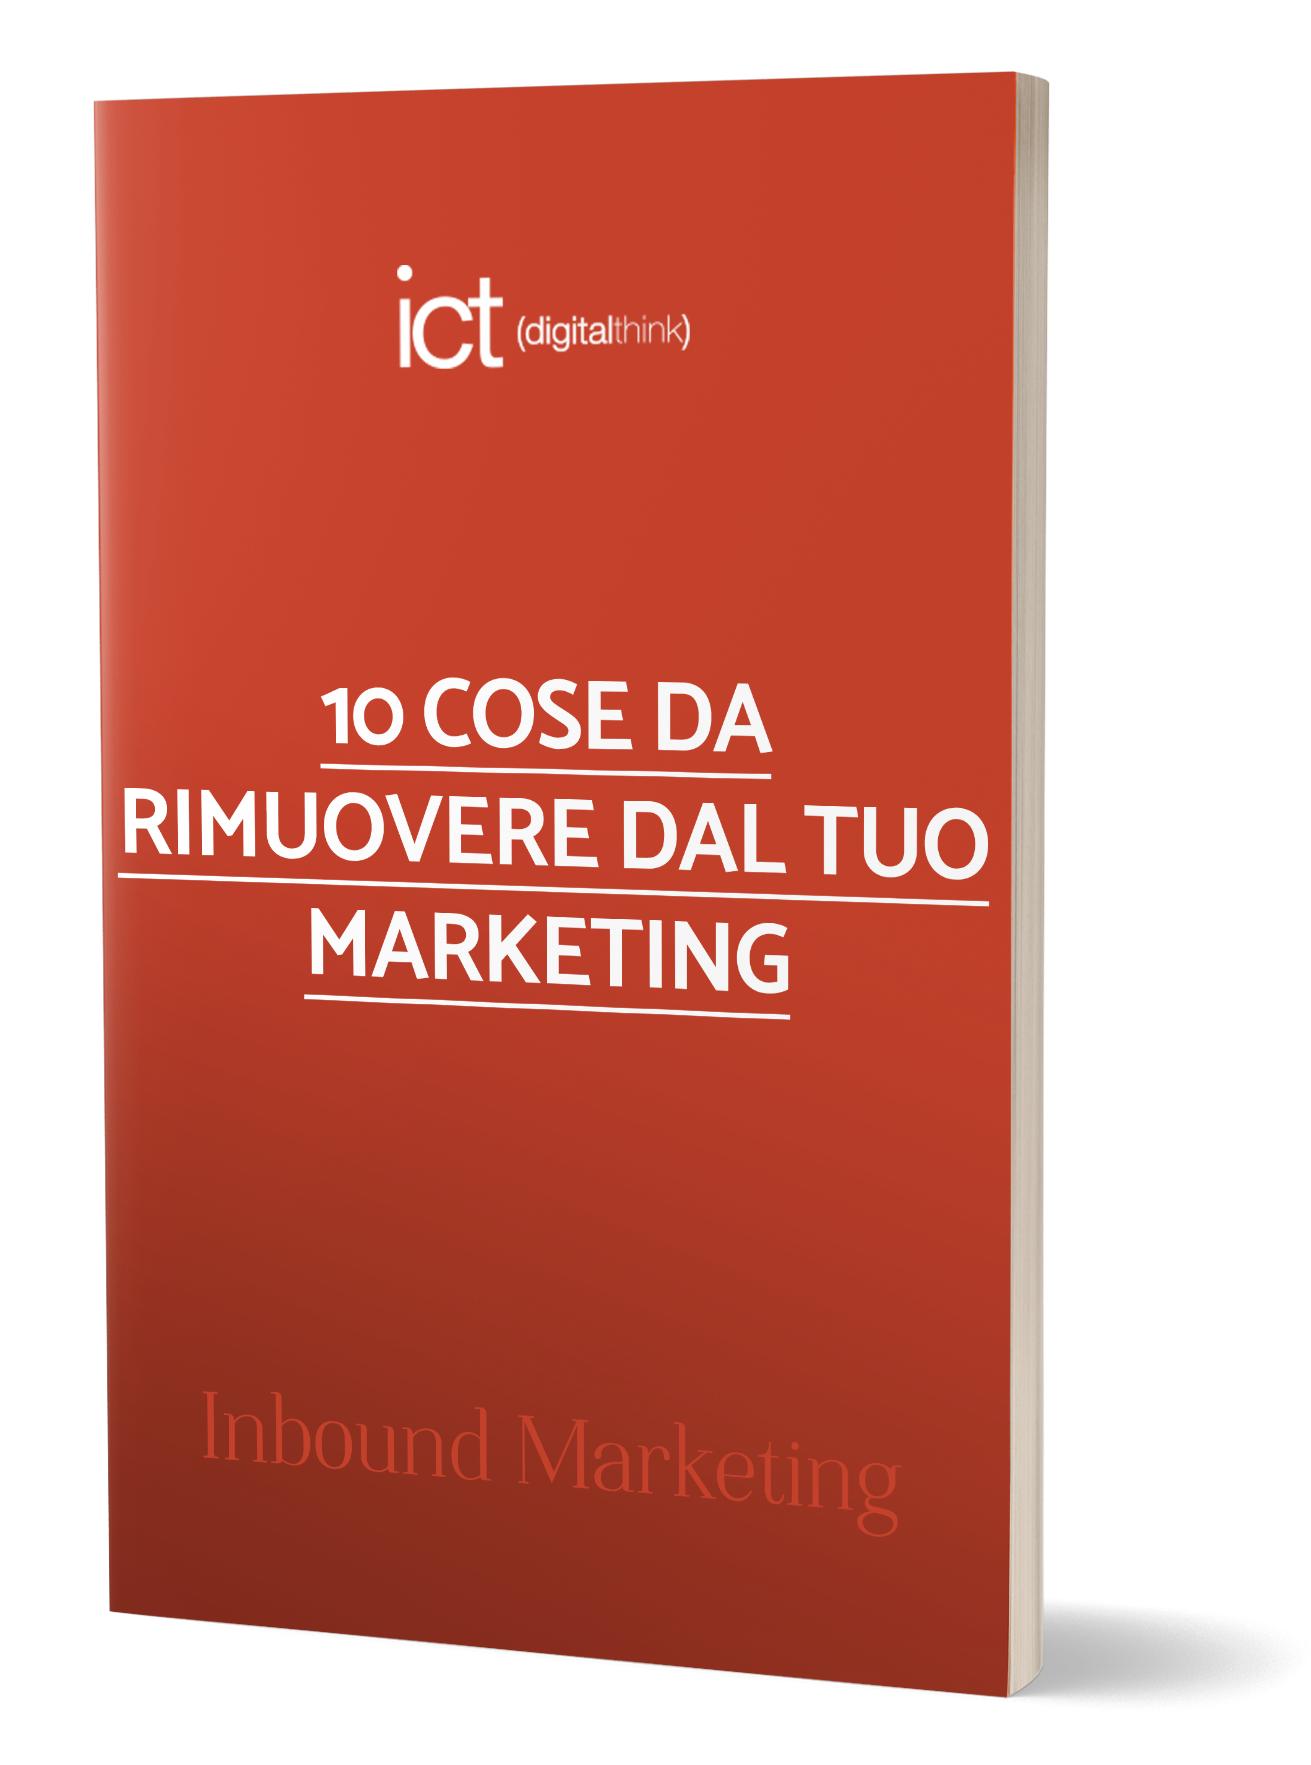 10-cose-rimuovere-marketing-ebook